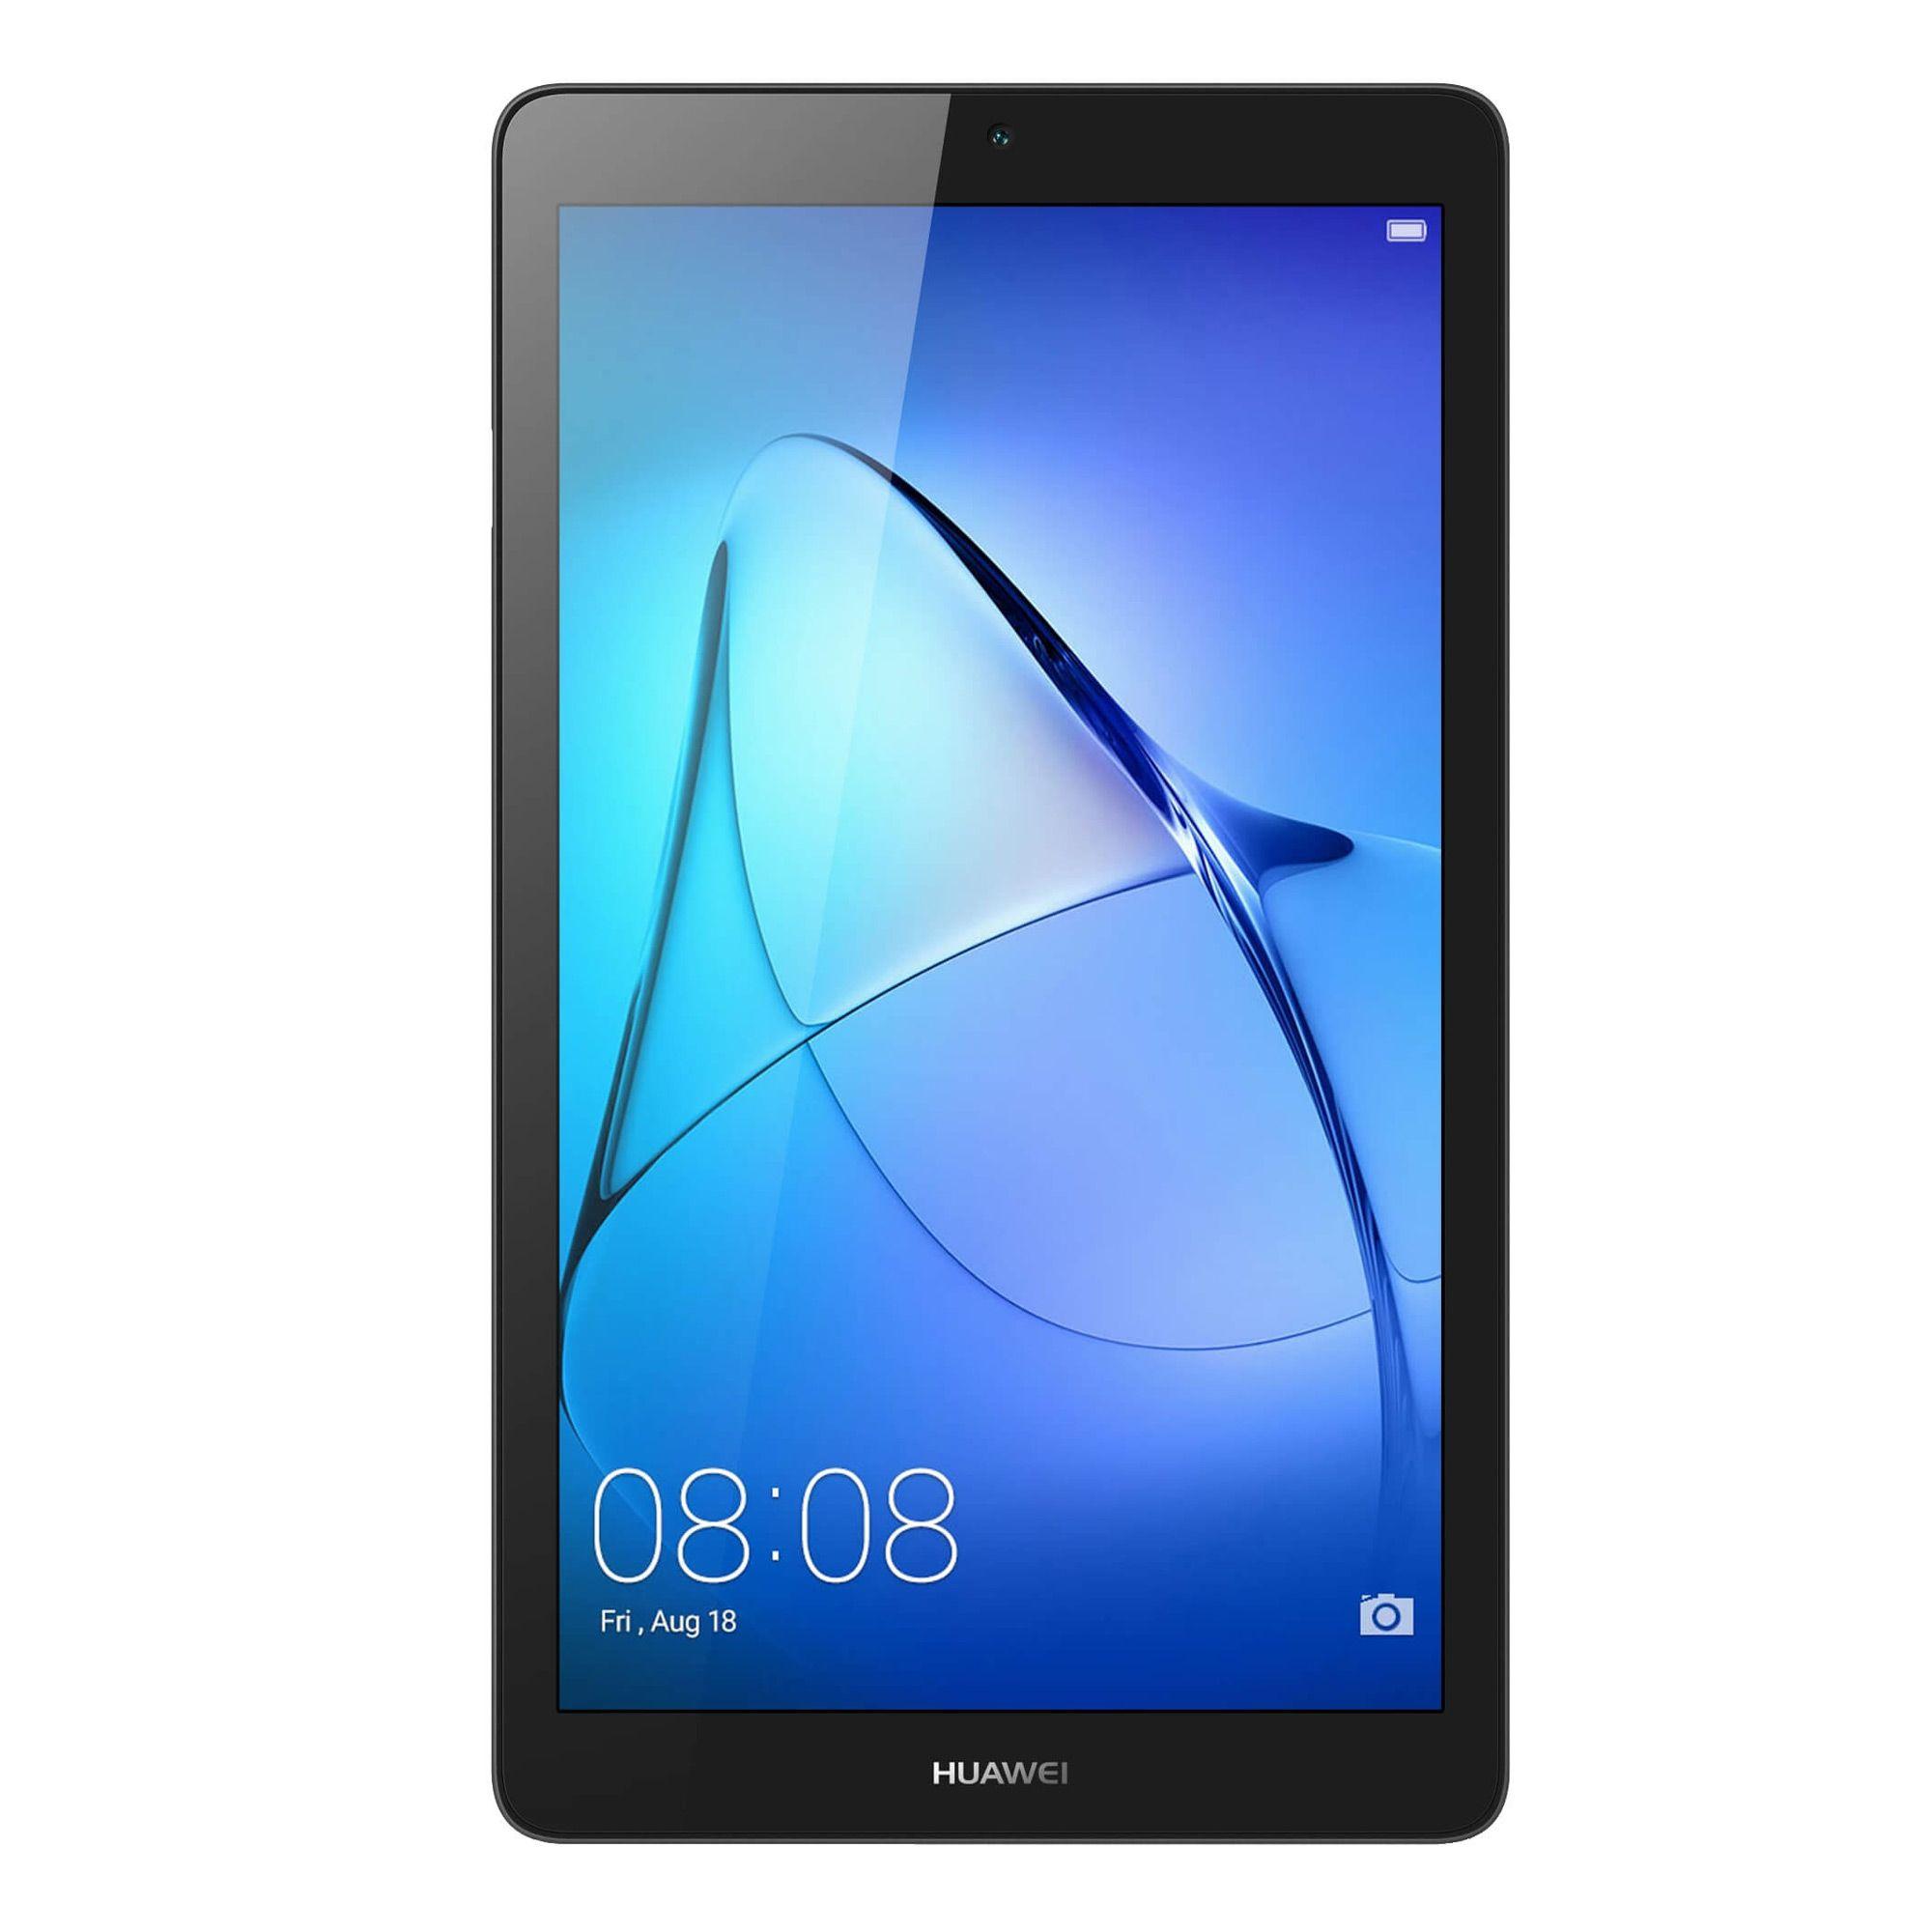 Huawei Mediapad T3 10 Donosi Vise Snage Zabave Bezvremenskog Dizajna I Brojne Funkcije Koje Ce Korisnicima Olaksati Svakodnev With Images Tablet Android Tutorials Huawei